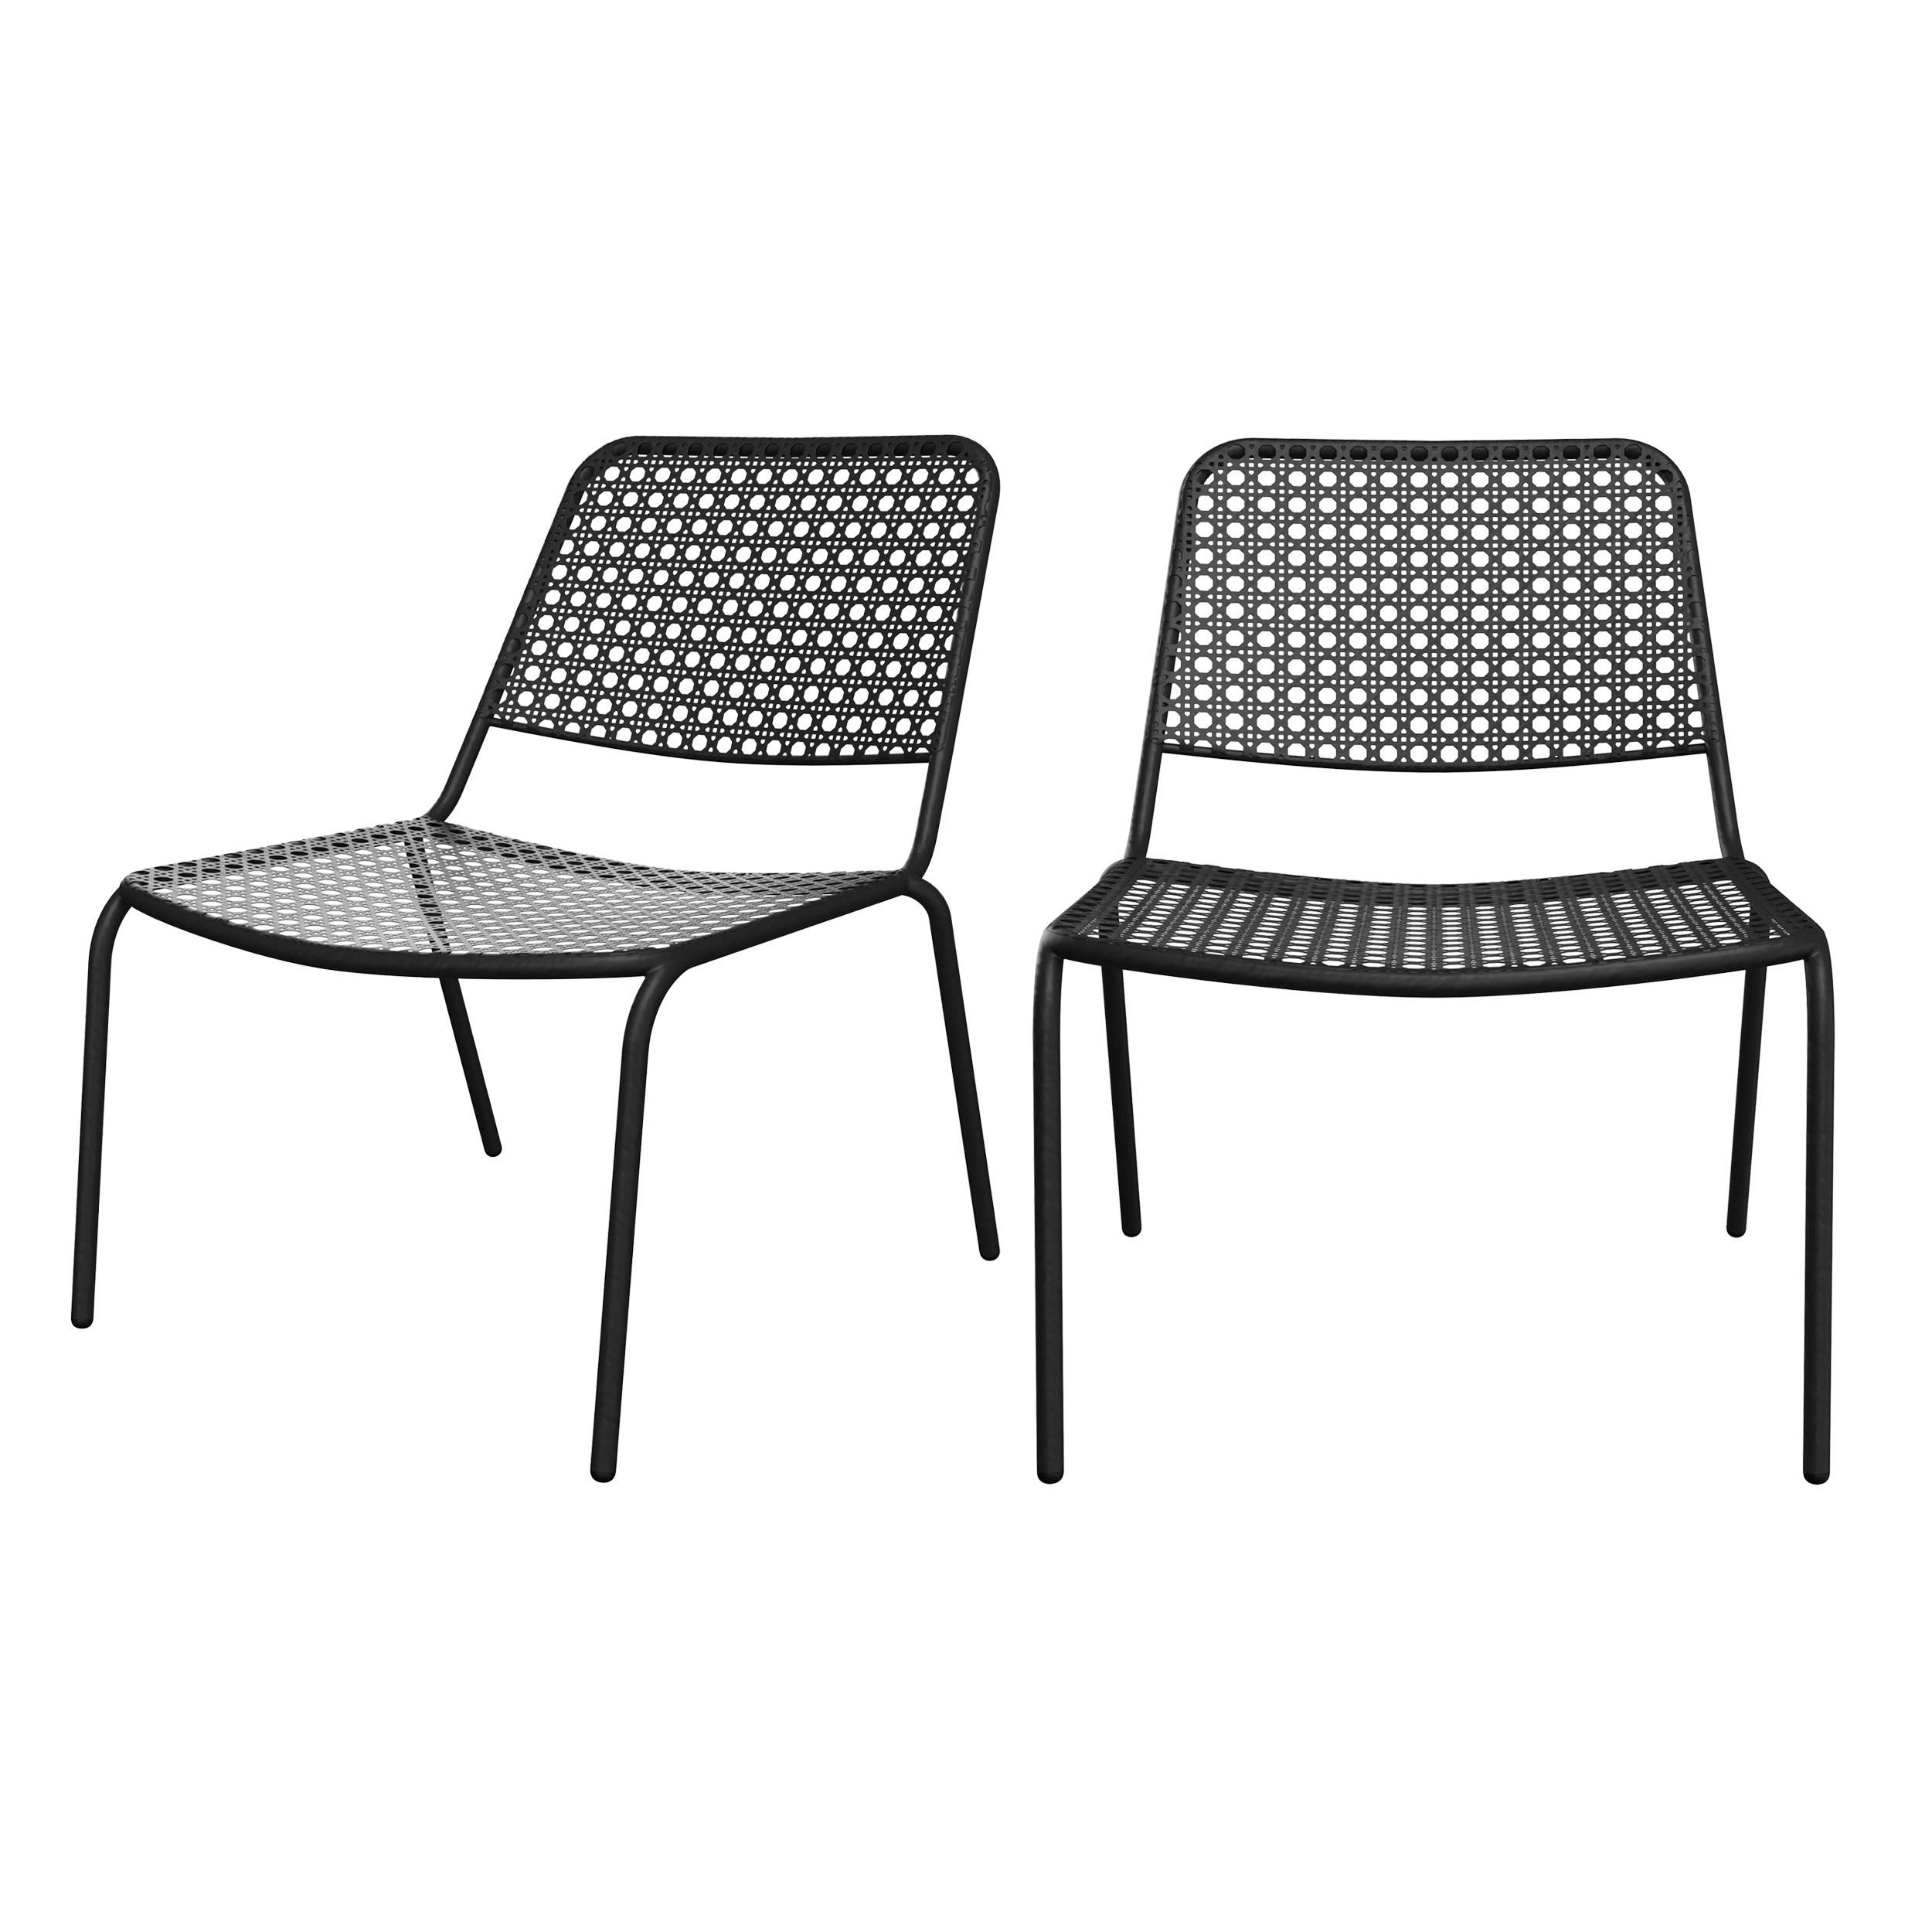 Fauteuil de jardin en métal gris mat (lot de 2)